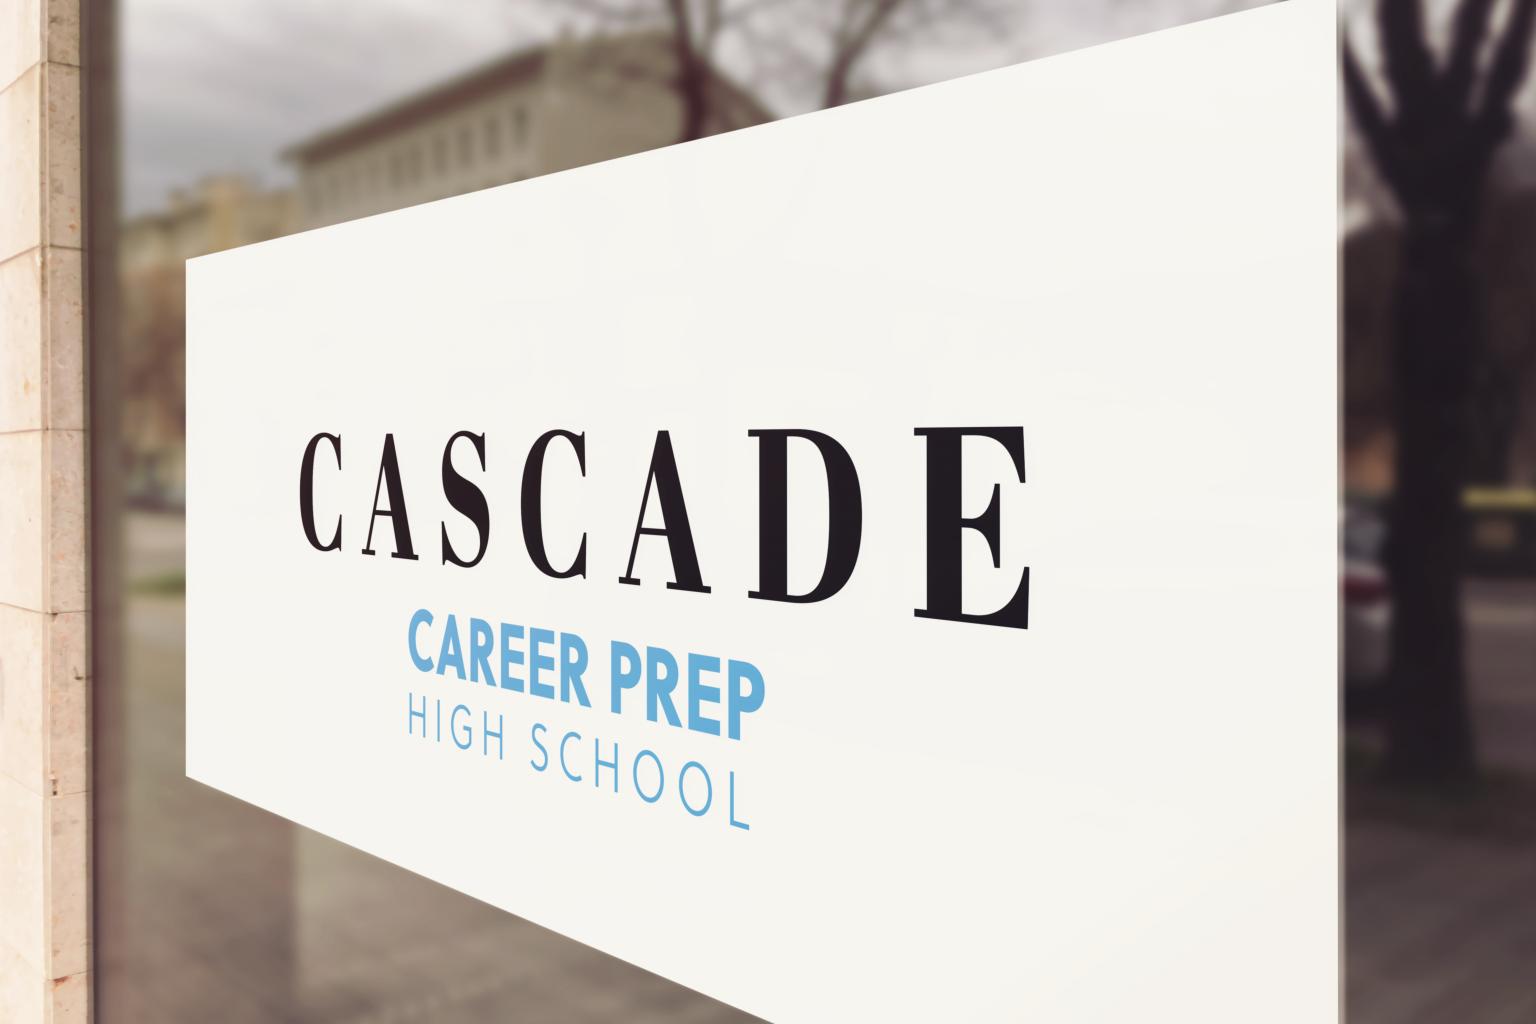 Cascade Career Prep